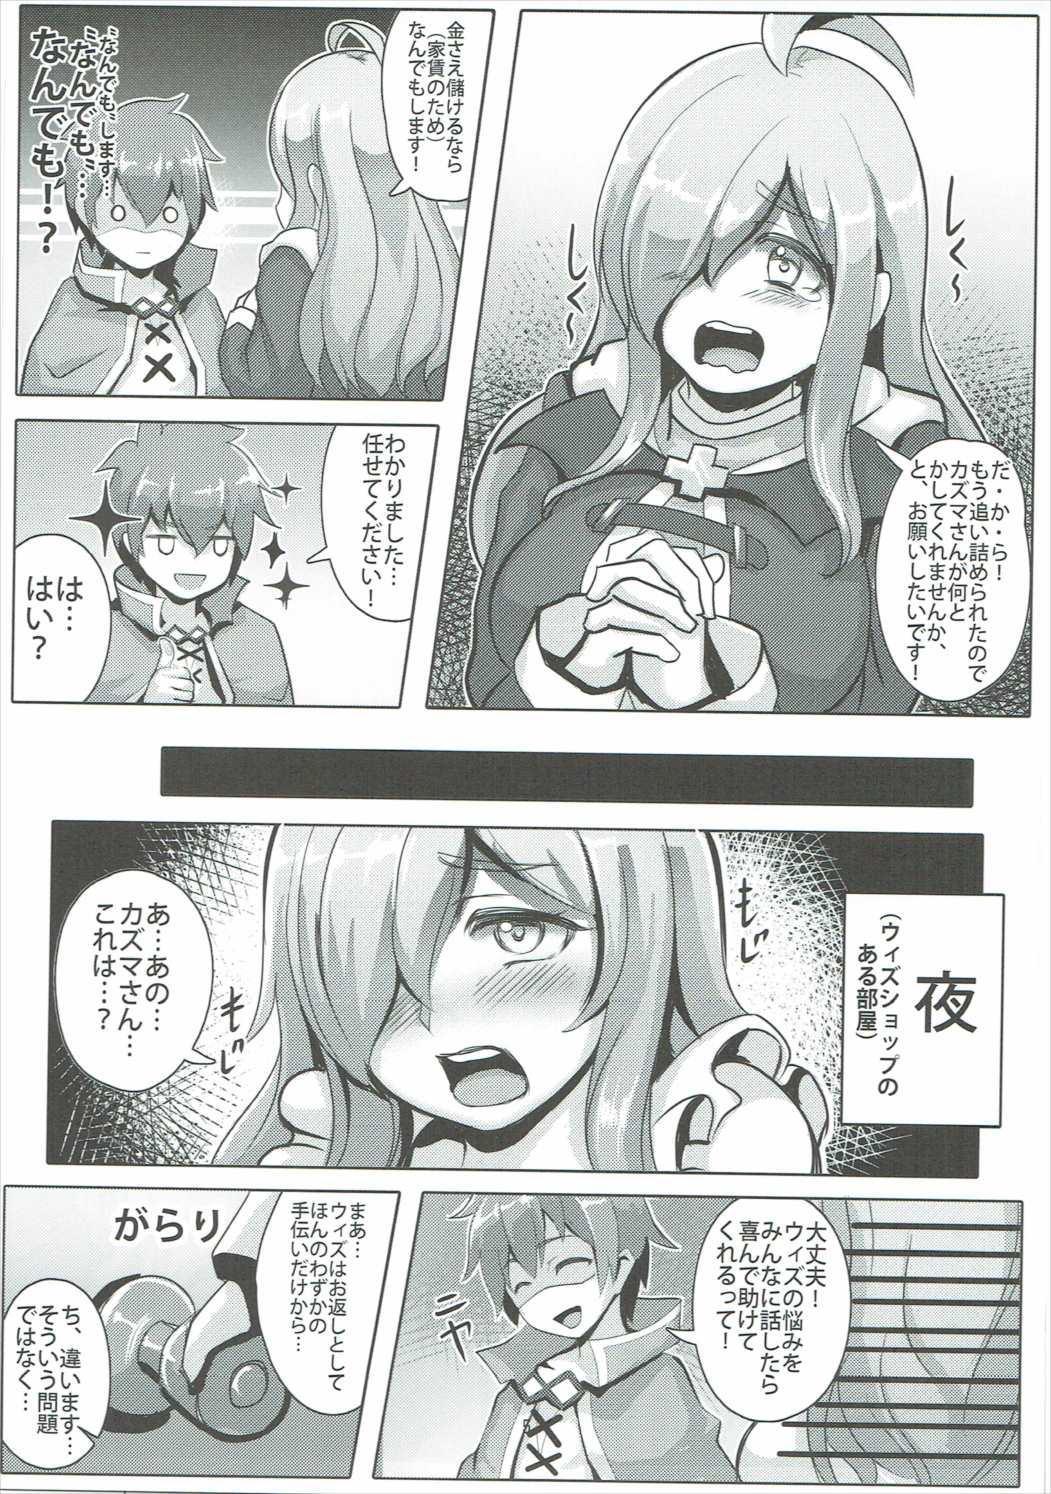 Kono Binbou na Tenshu ni Seifuku o! 3